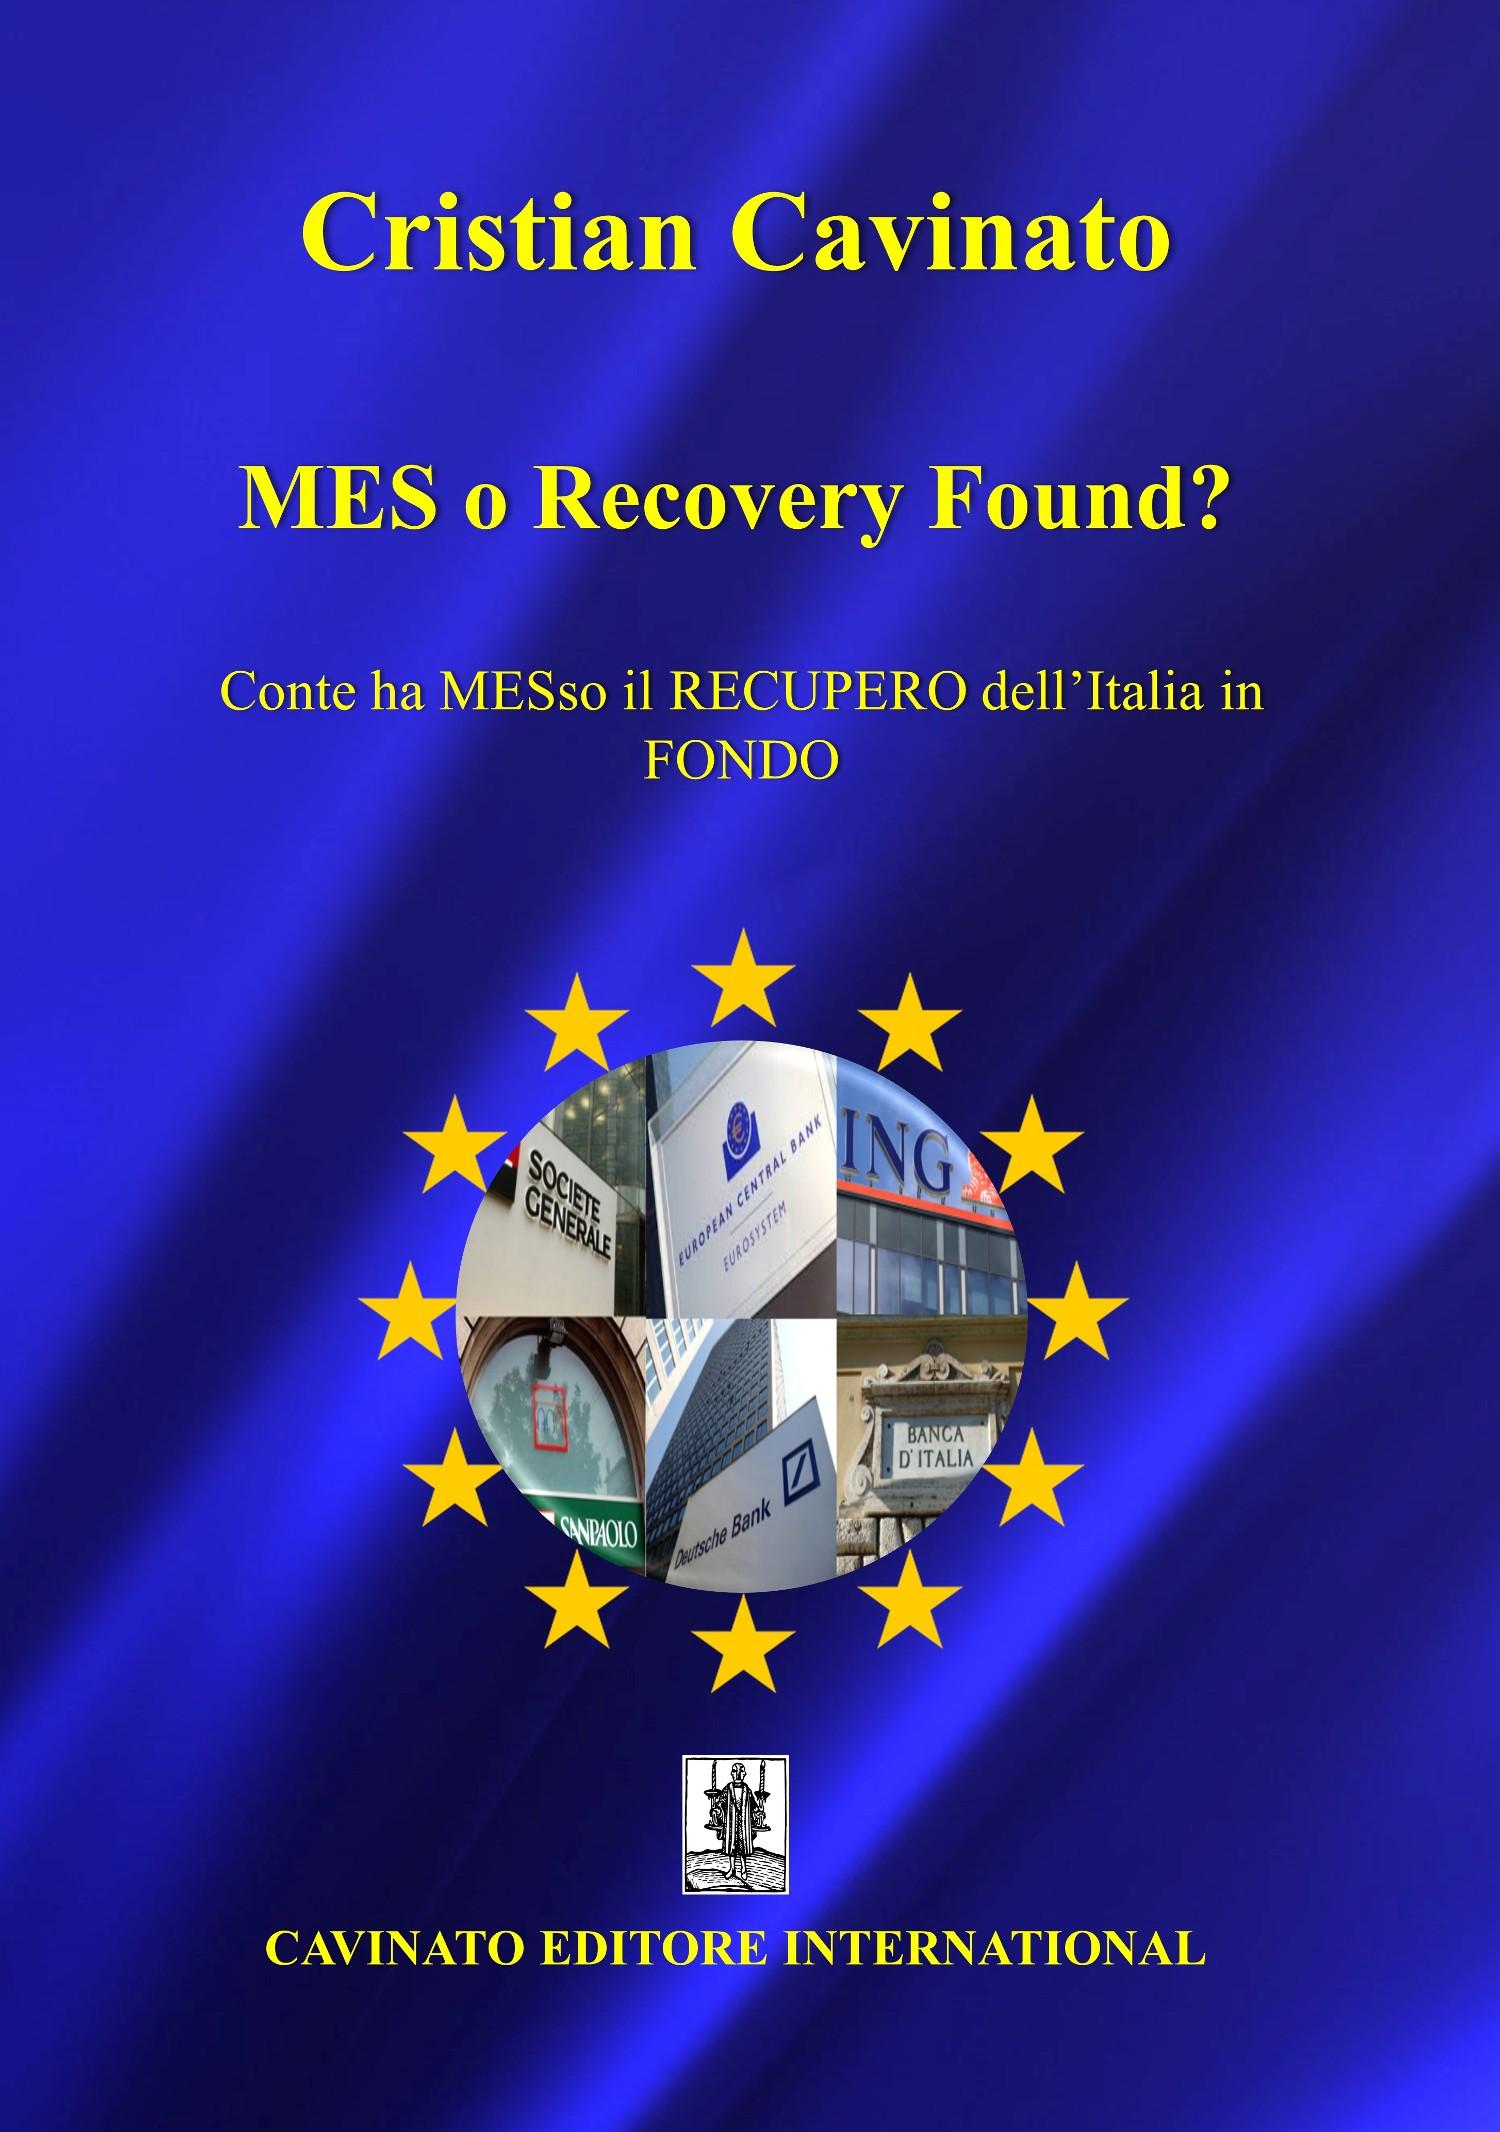 MES O RECOVERY FOUND? CONTE HA MESSO IL RECUPERO DELL'ITALIA IN FONDO